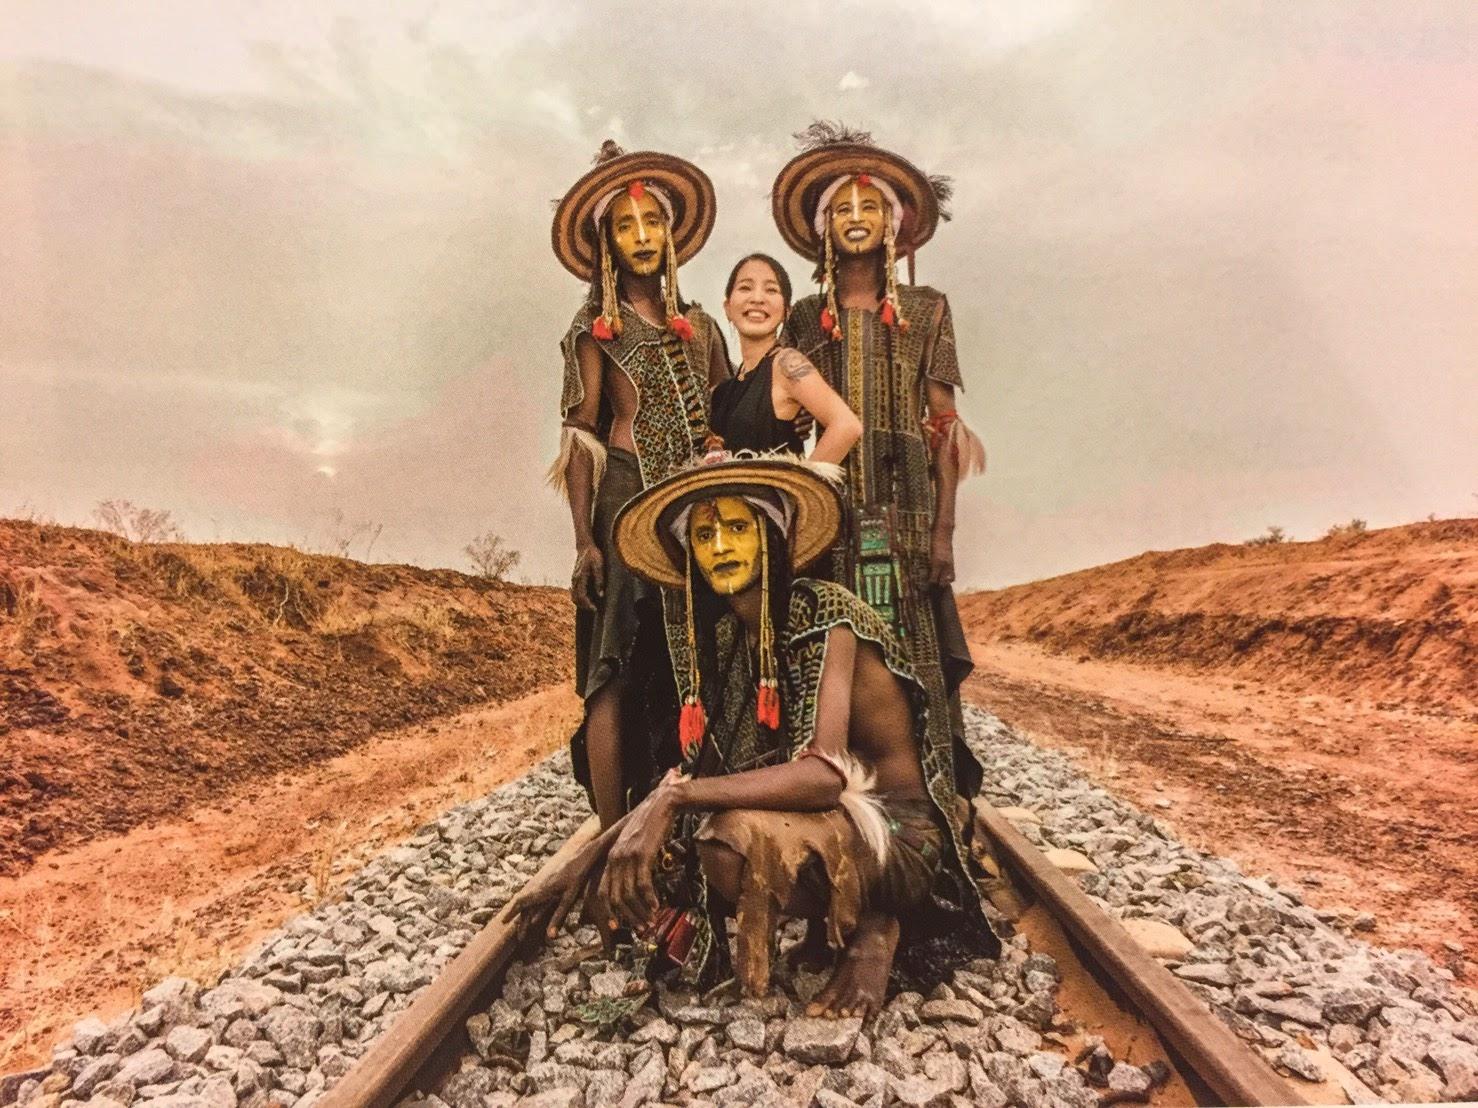 アフリカに飛び込み、魅力を発信する。話題のフォトグラファー【ヨシダナギ】さんの写真展に行ってきました!